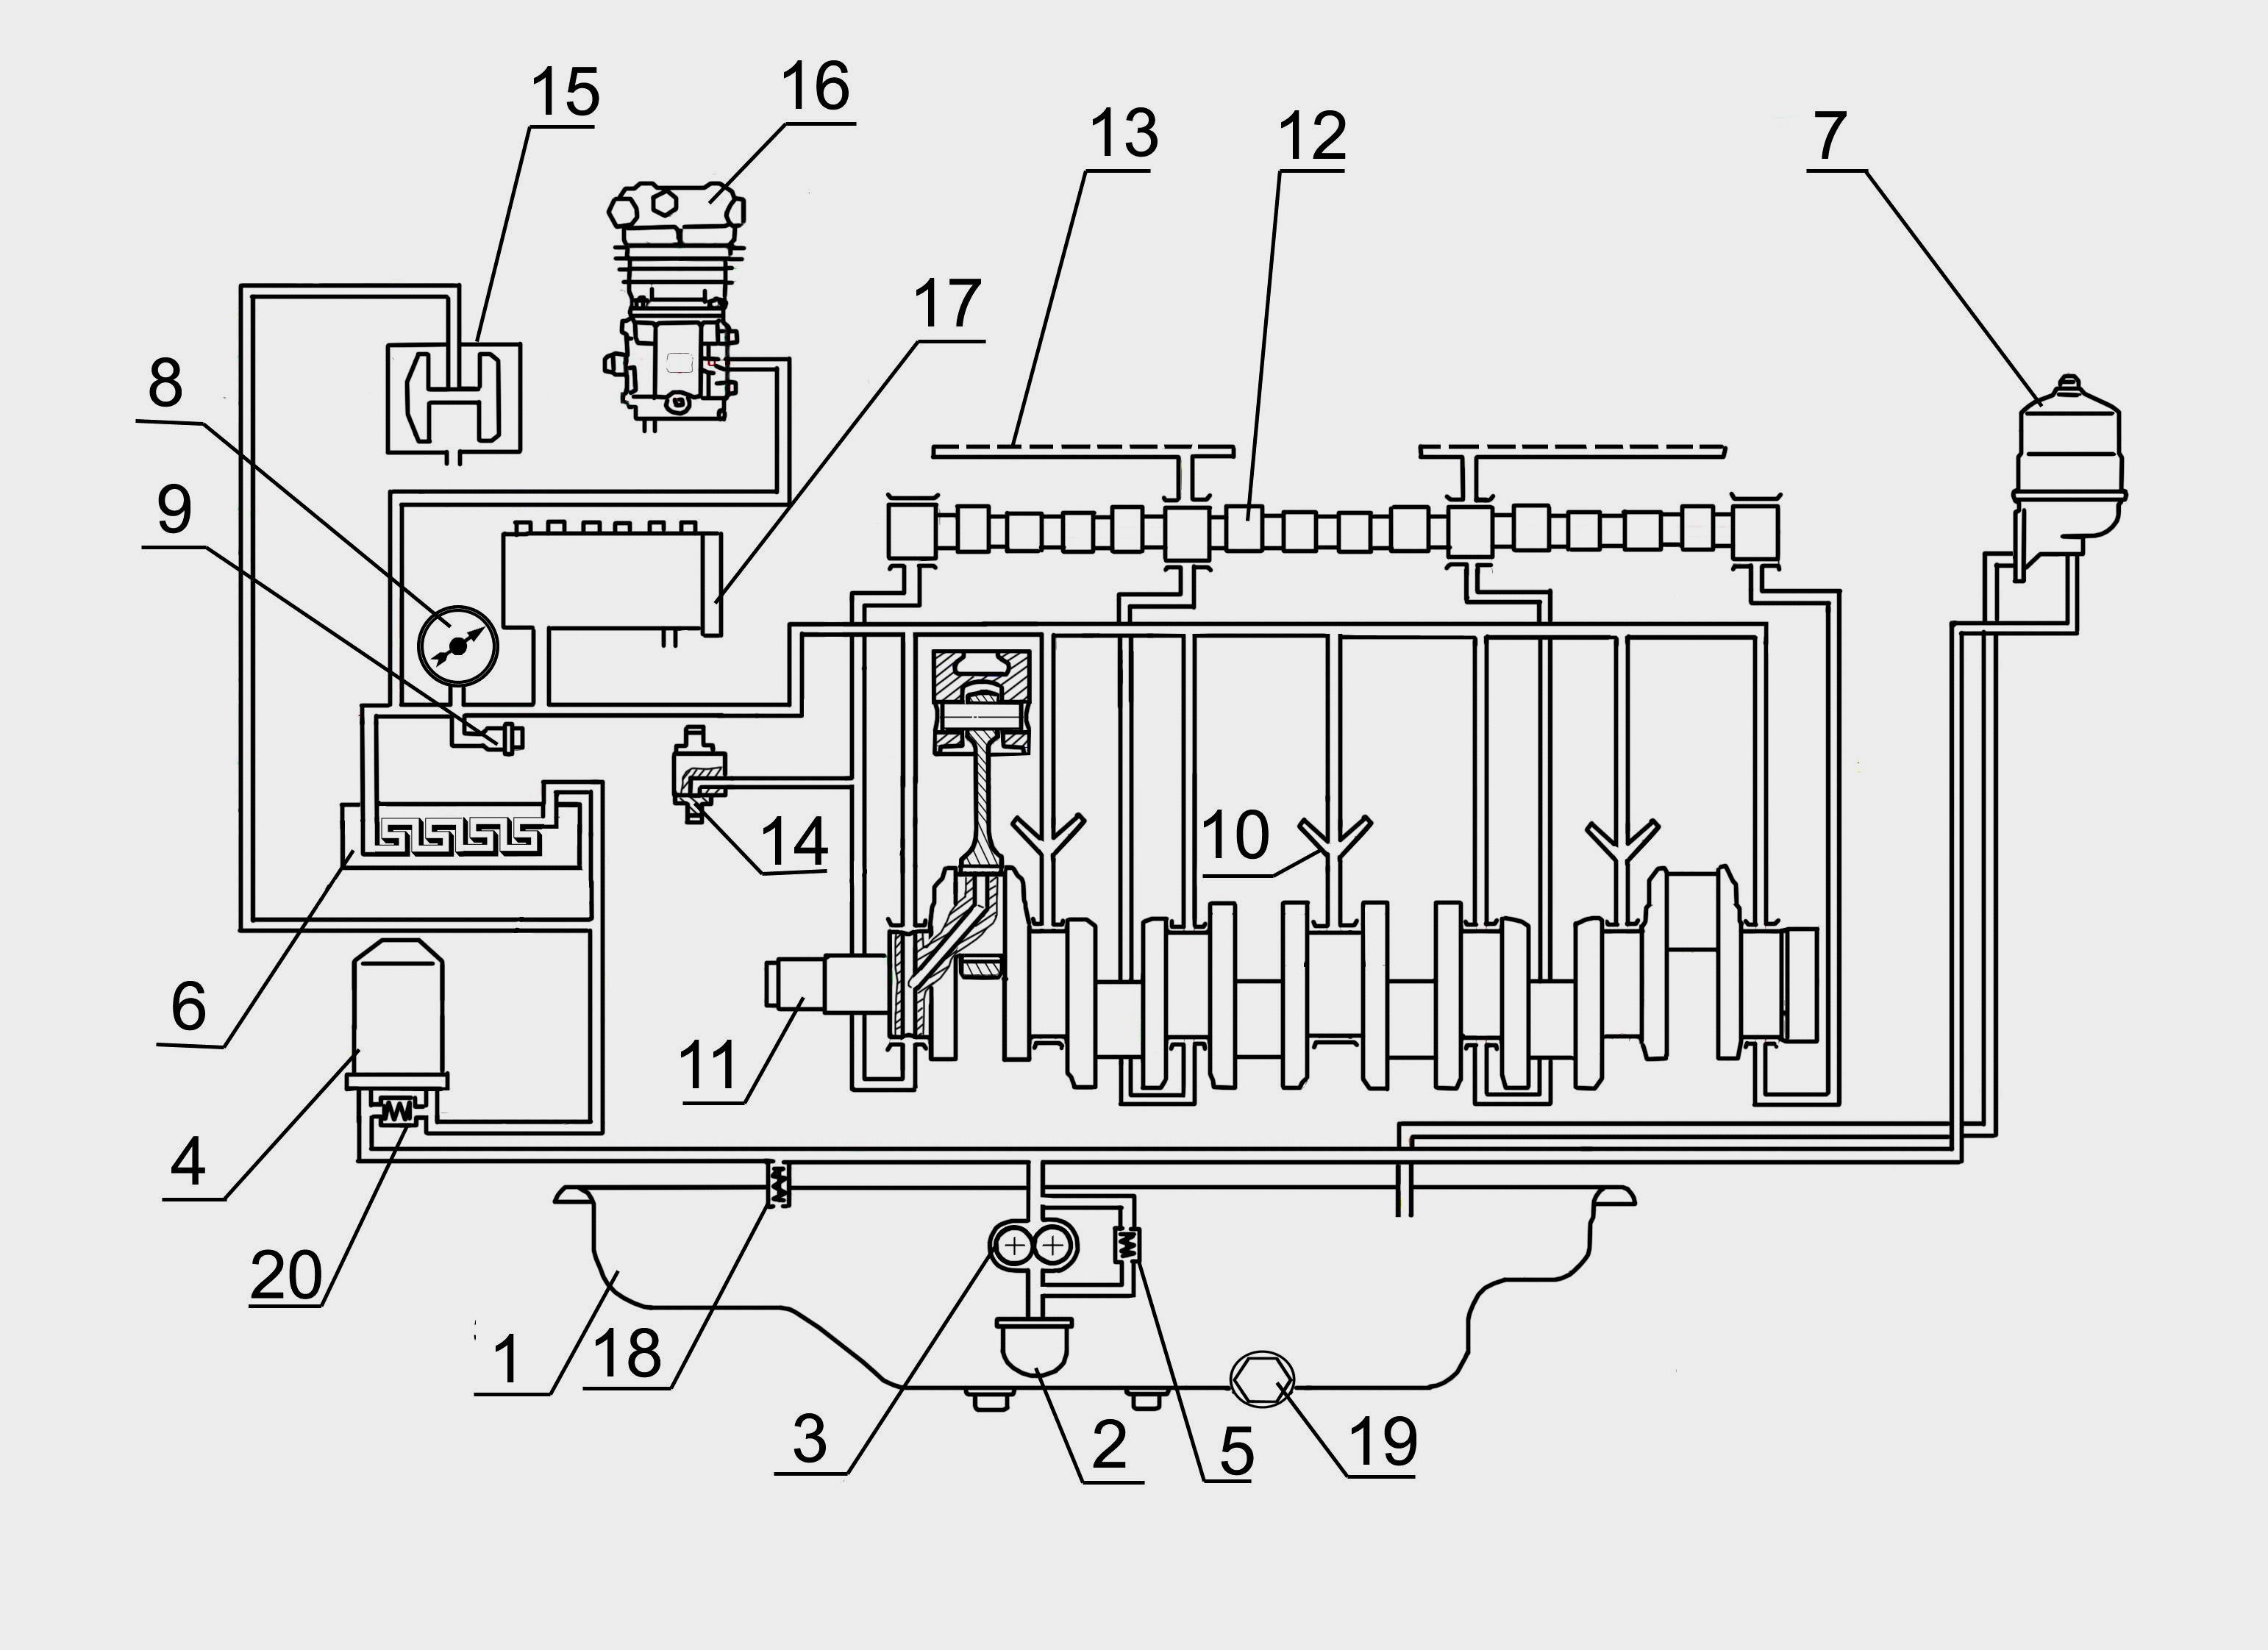 Двигатель SAAB Saab 9-3 2,2 TD D223LD SAAB Saab 9-3